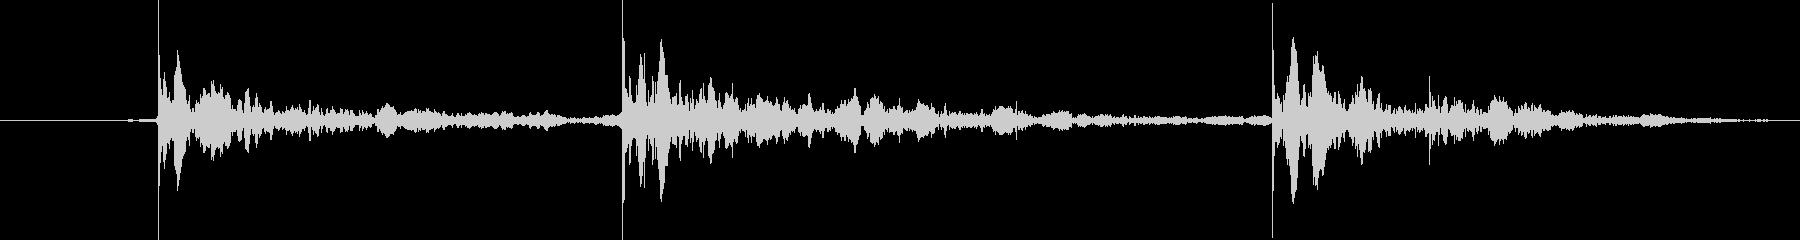 ヘビーバッグ:スリーパンチコンボ、...の未再生の波形